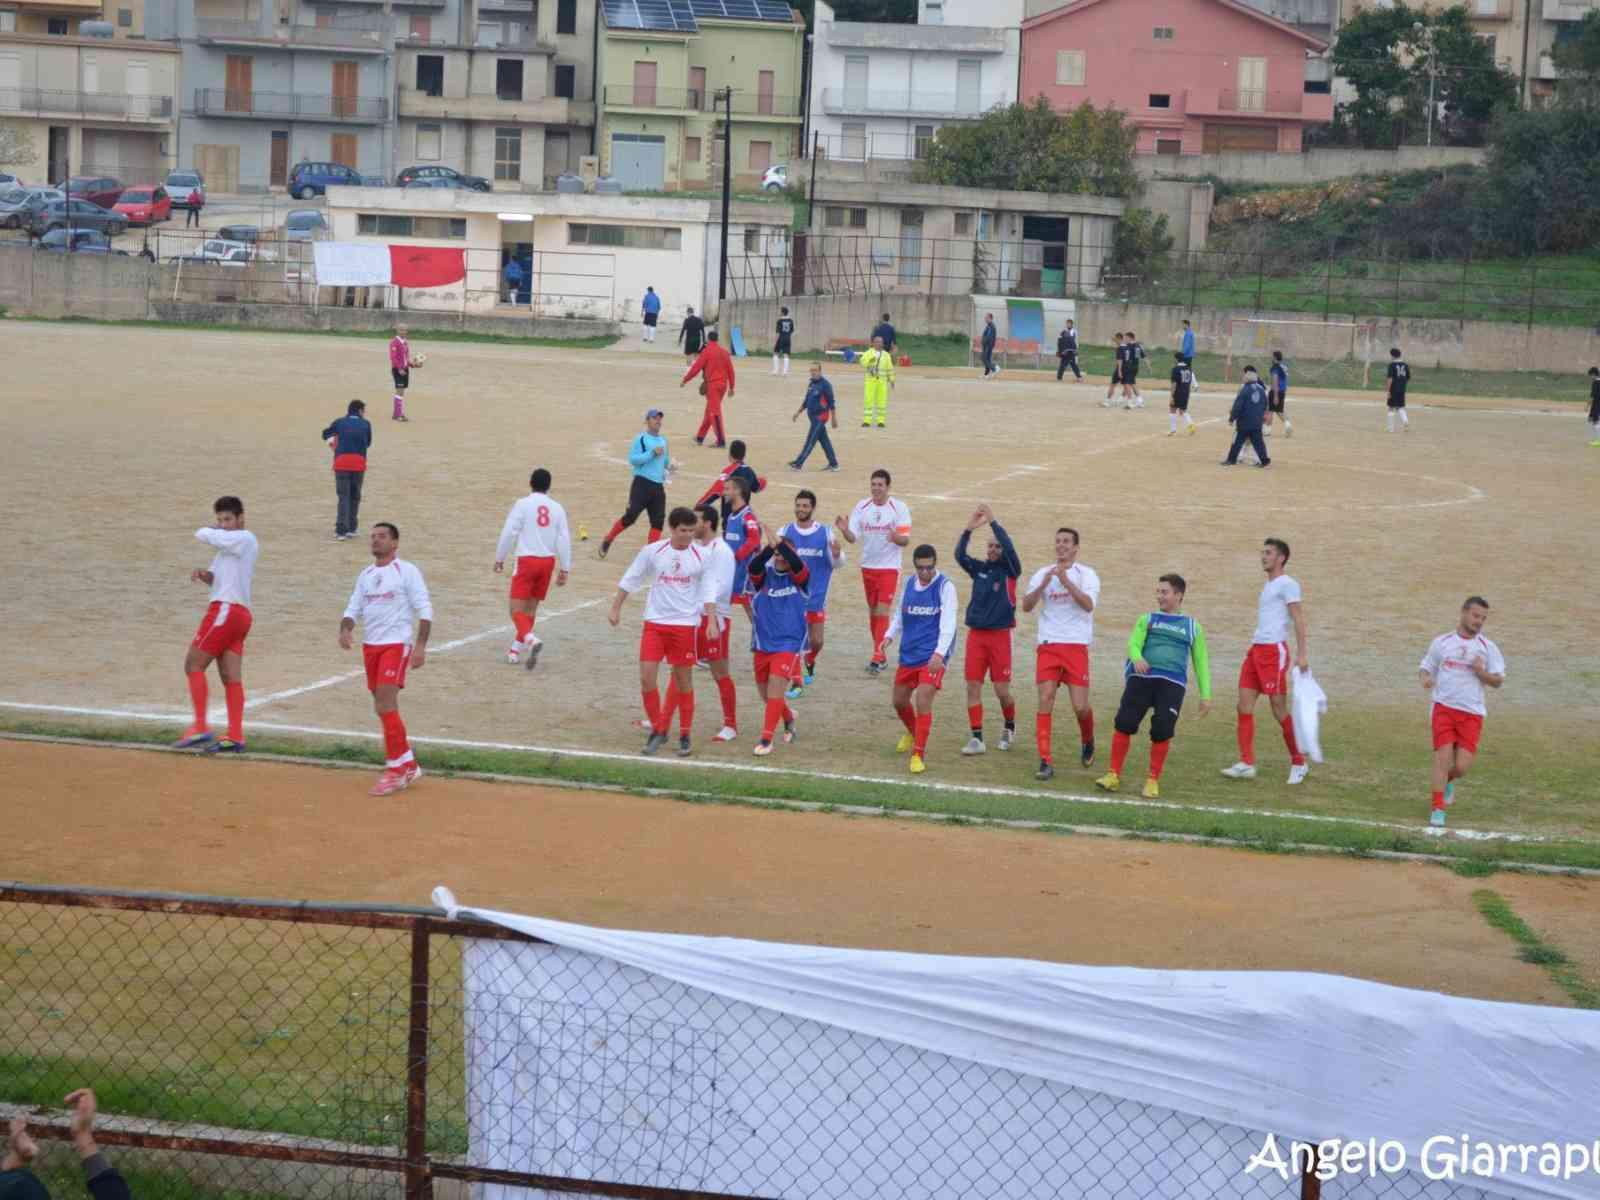 Calcio, 2da categoria: la Gattopardo perde a Caccamo con il Cartagine.